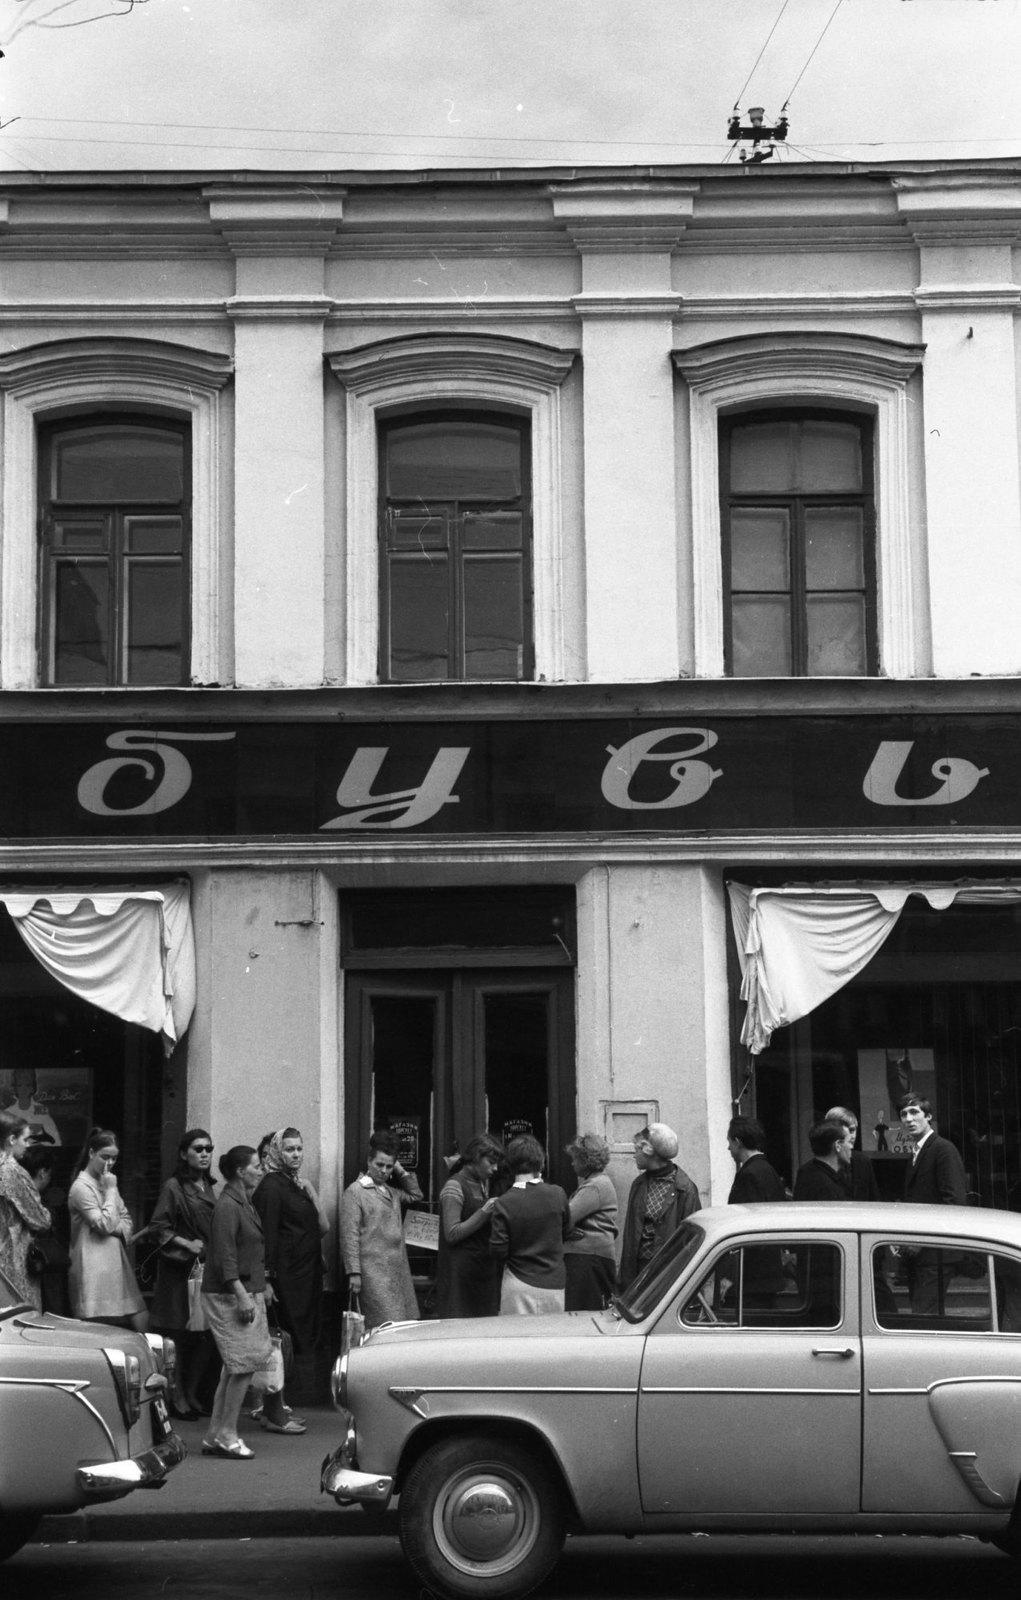 Улица Пятницкая (5)